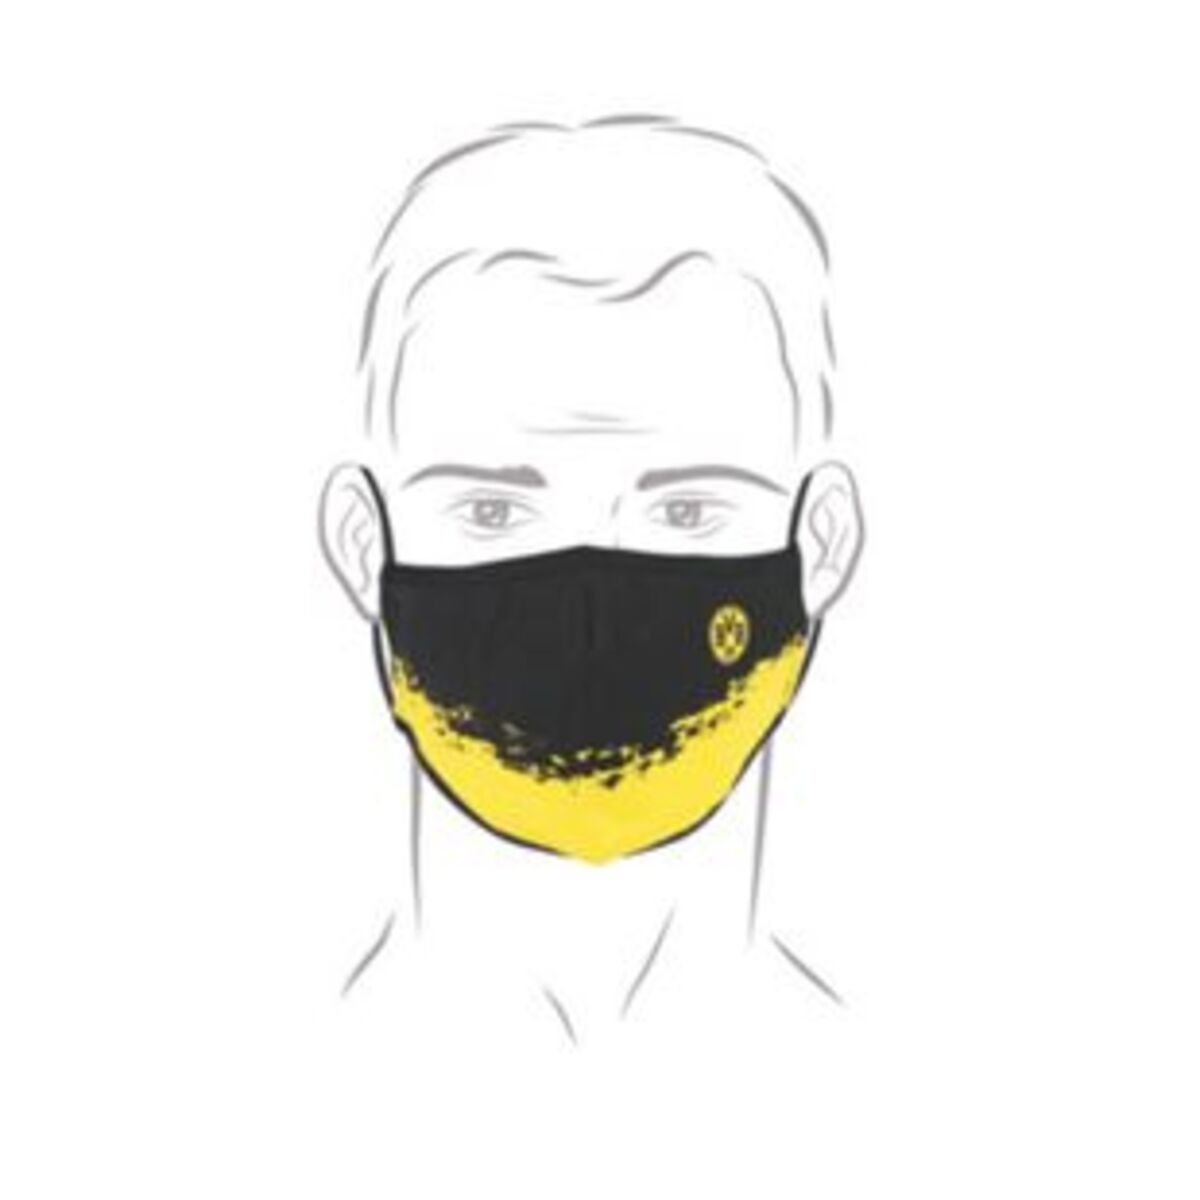 Bild 2 von BVB Mund-Nasen-Maske gelb/schwarz